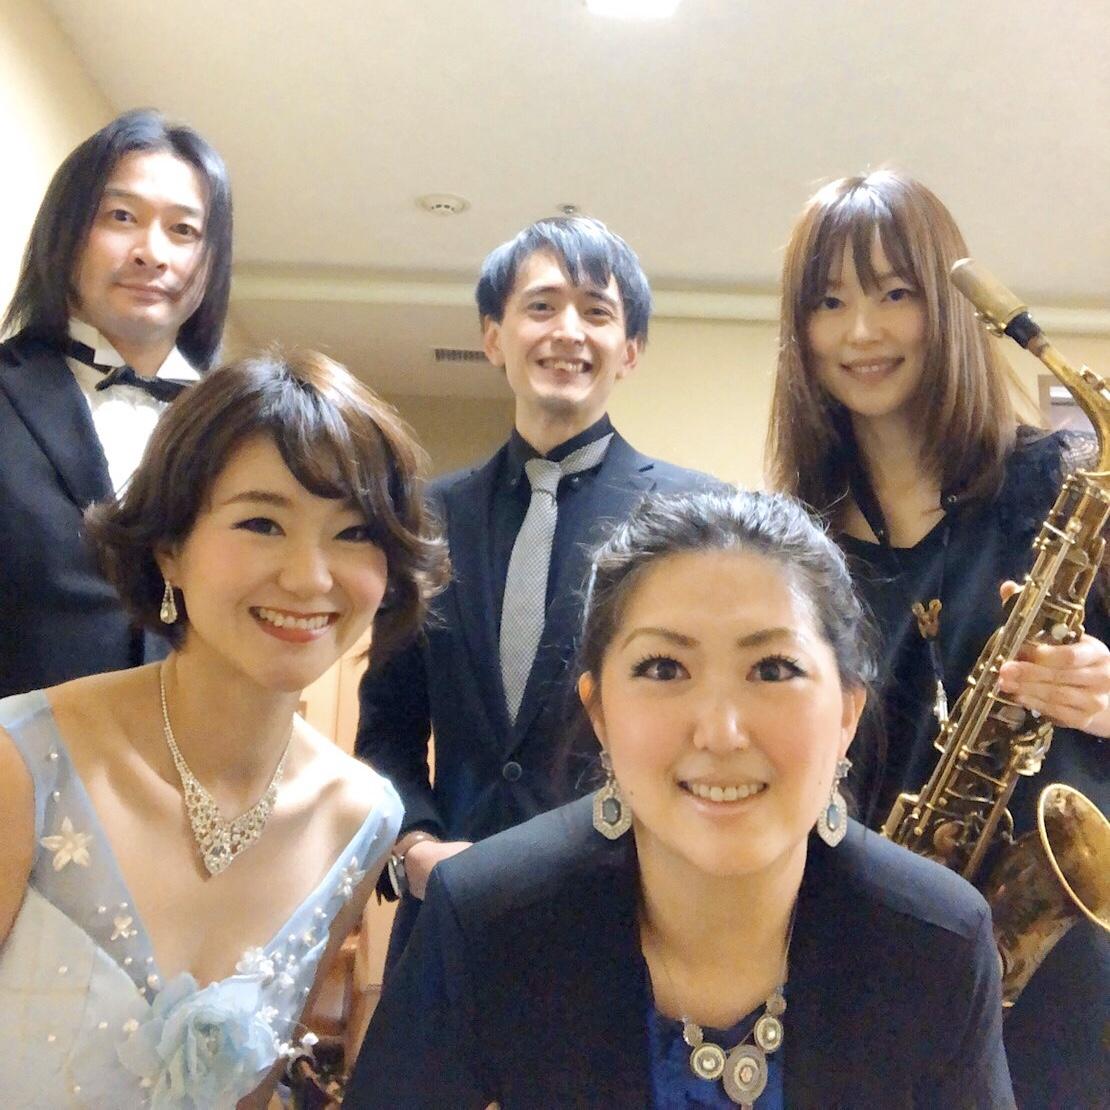 オペラ歌手とジャズトリオでご披露宴演奏でした